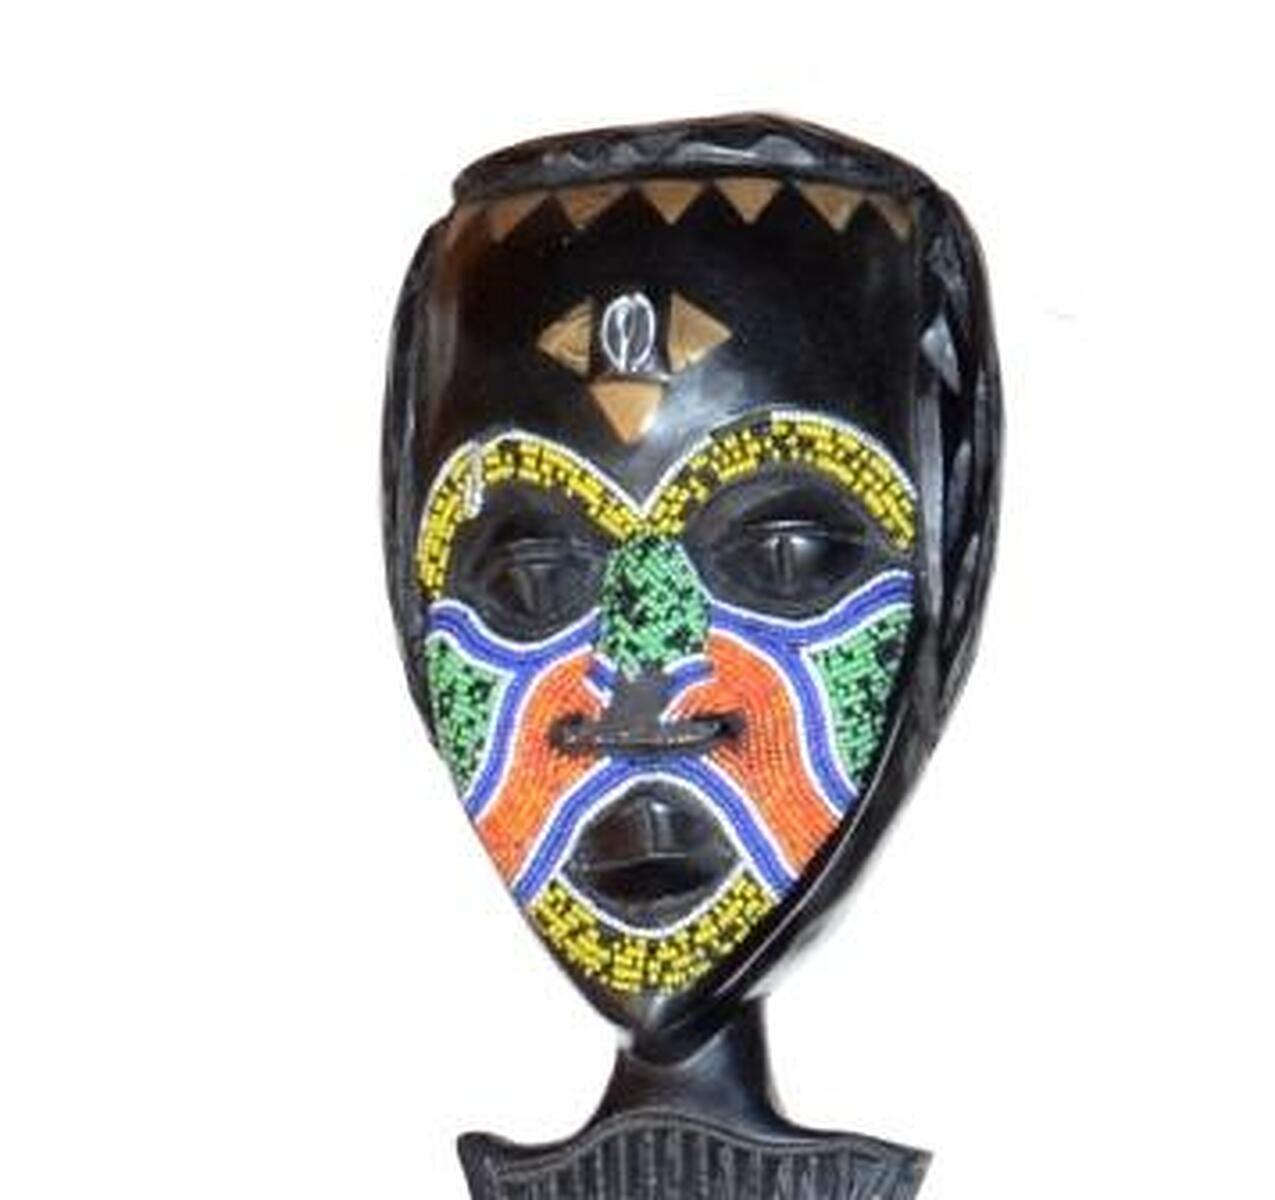 afrika deko shop schl langer freimann m nchen afrika deko shop karin welsch willkommen. Black Bedroom Furniture Sets. Home Design Ideas